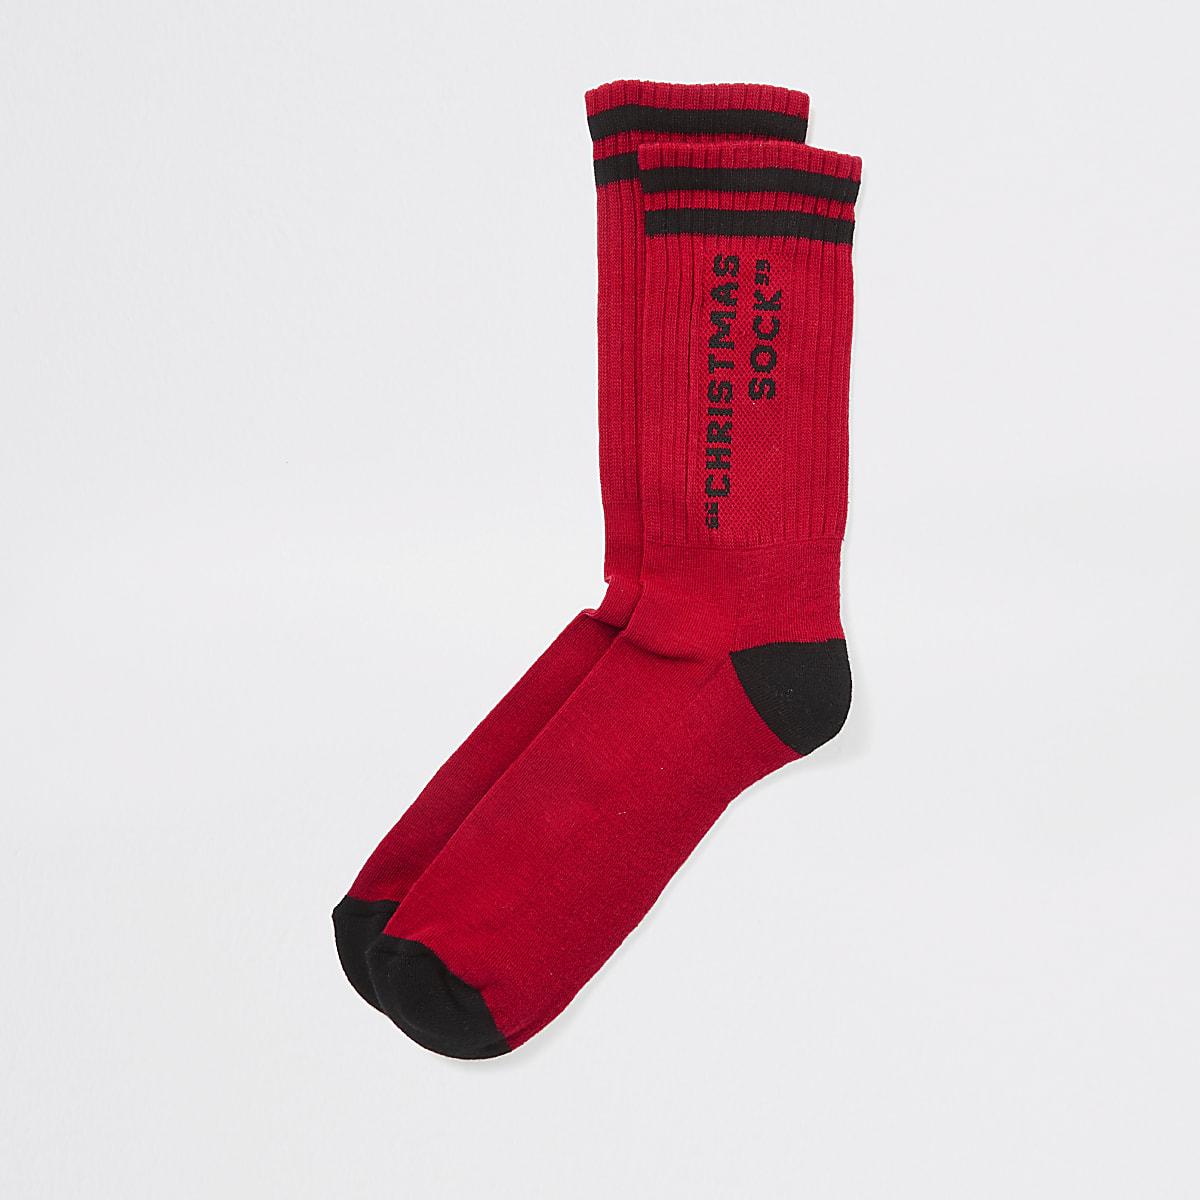 Rode 'Christmas sock'-print sokken